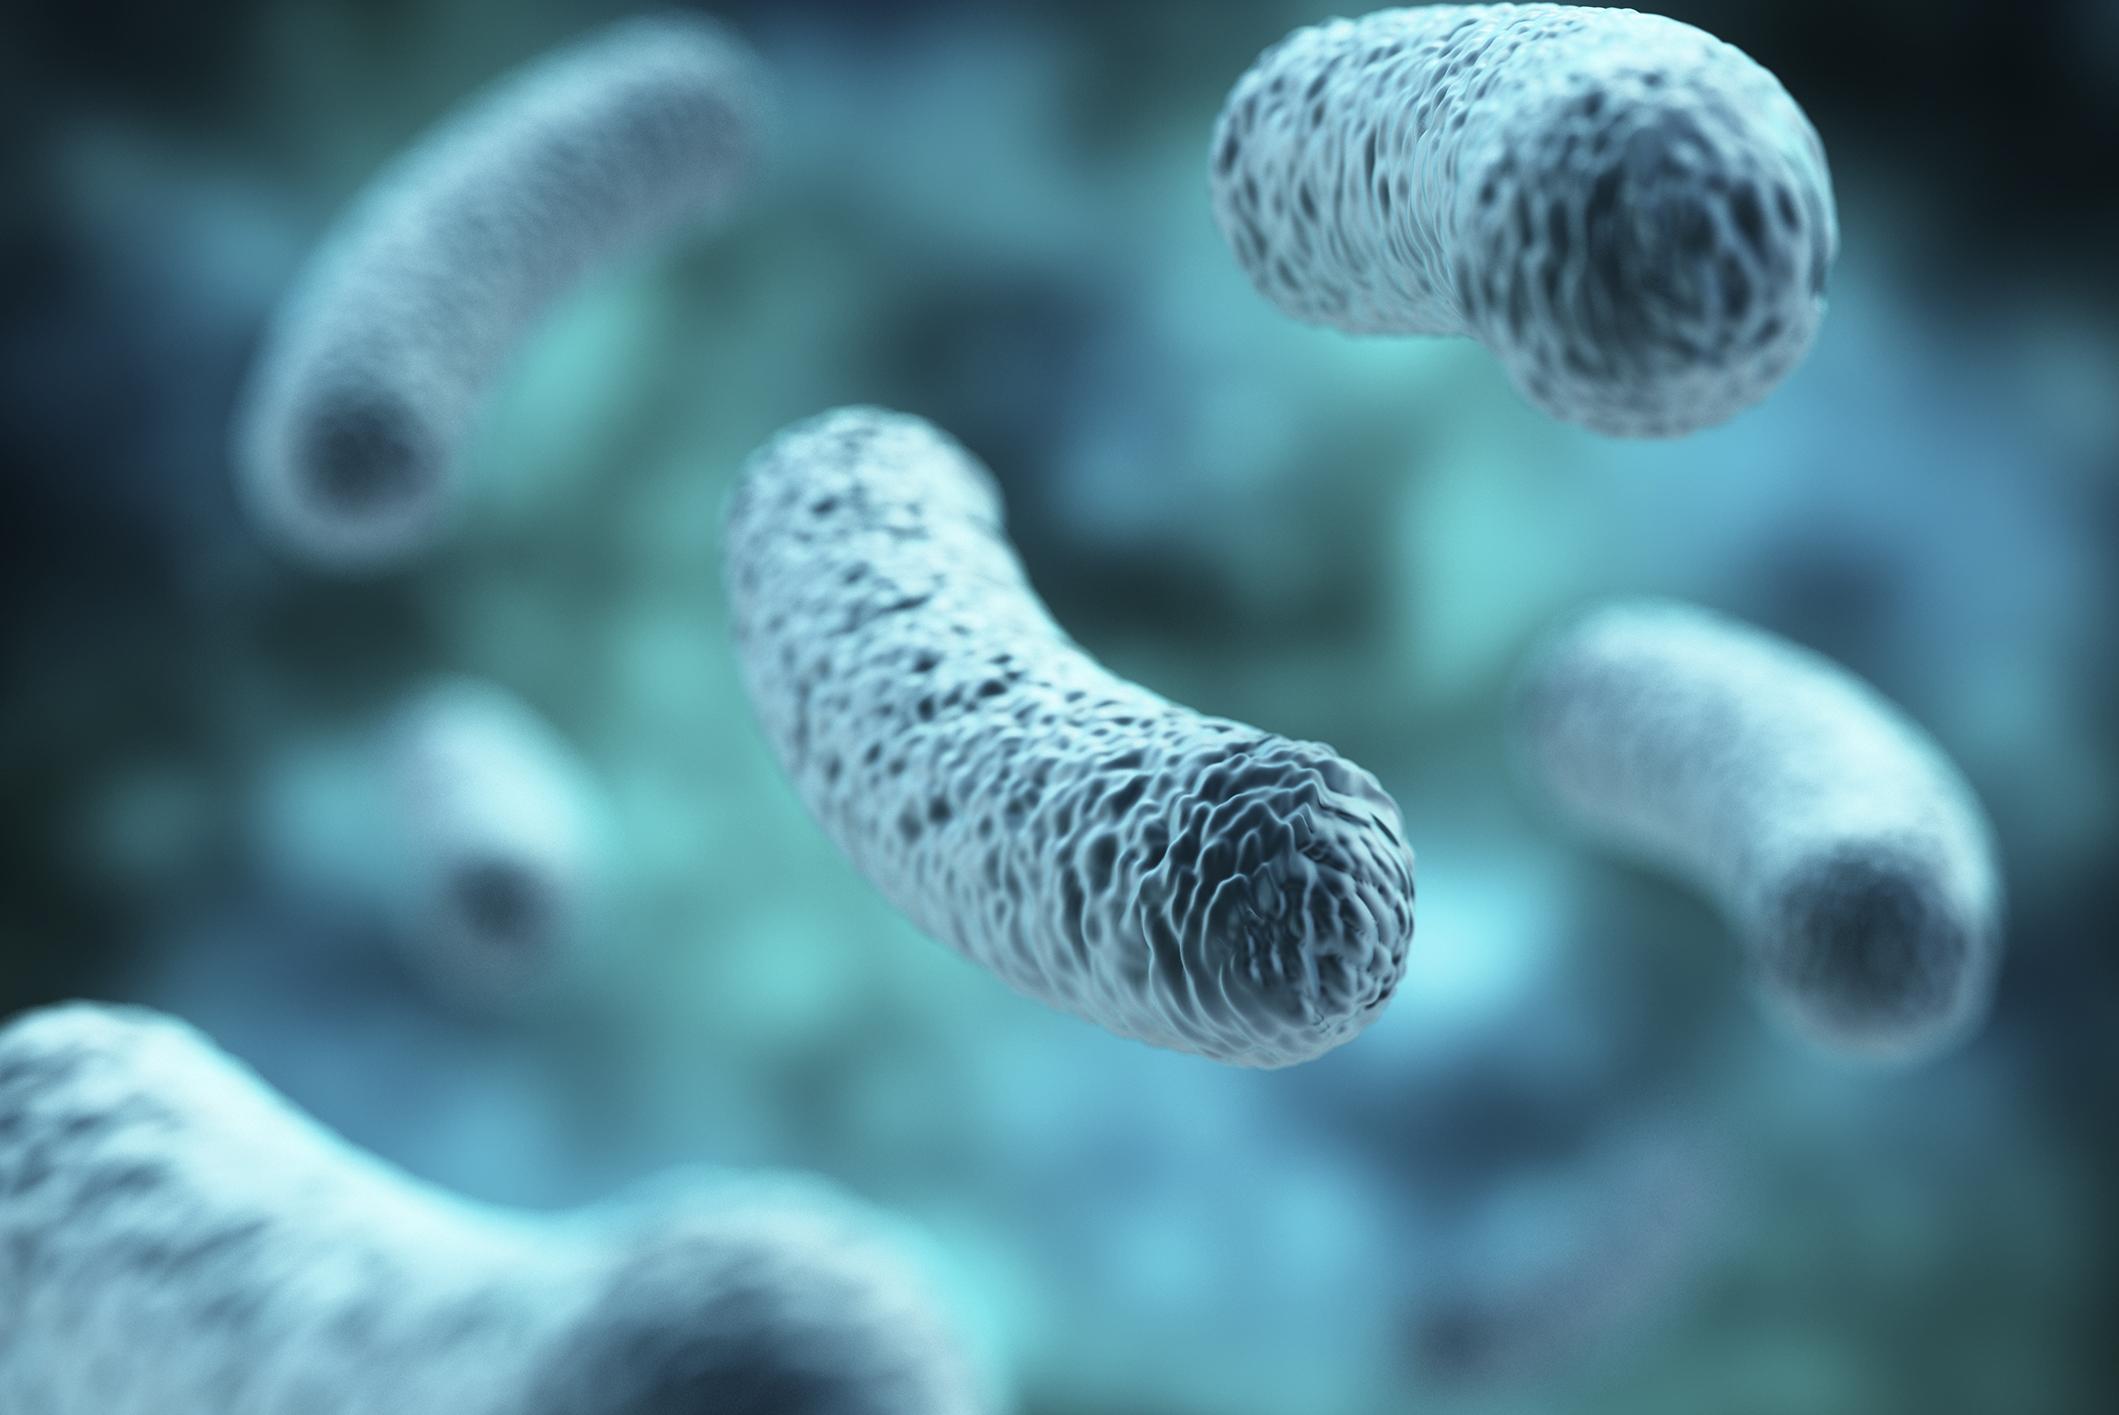 Graceland Legionnaires Disease Outbreak Case Count Grows